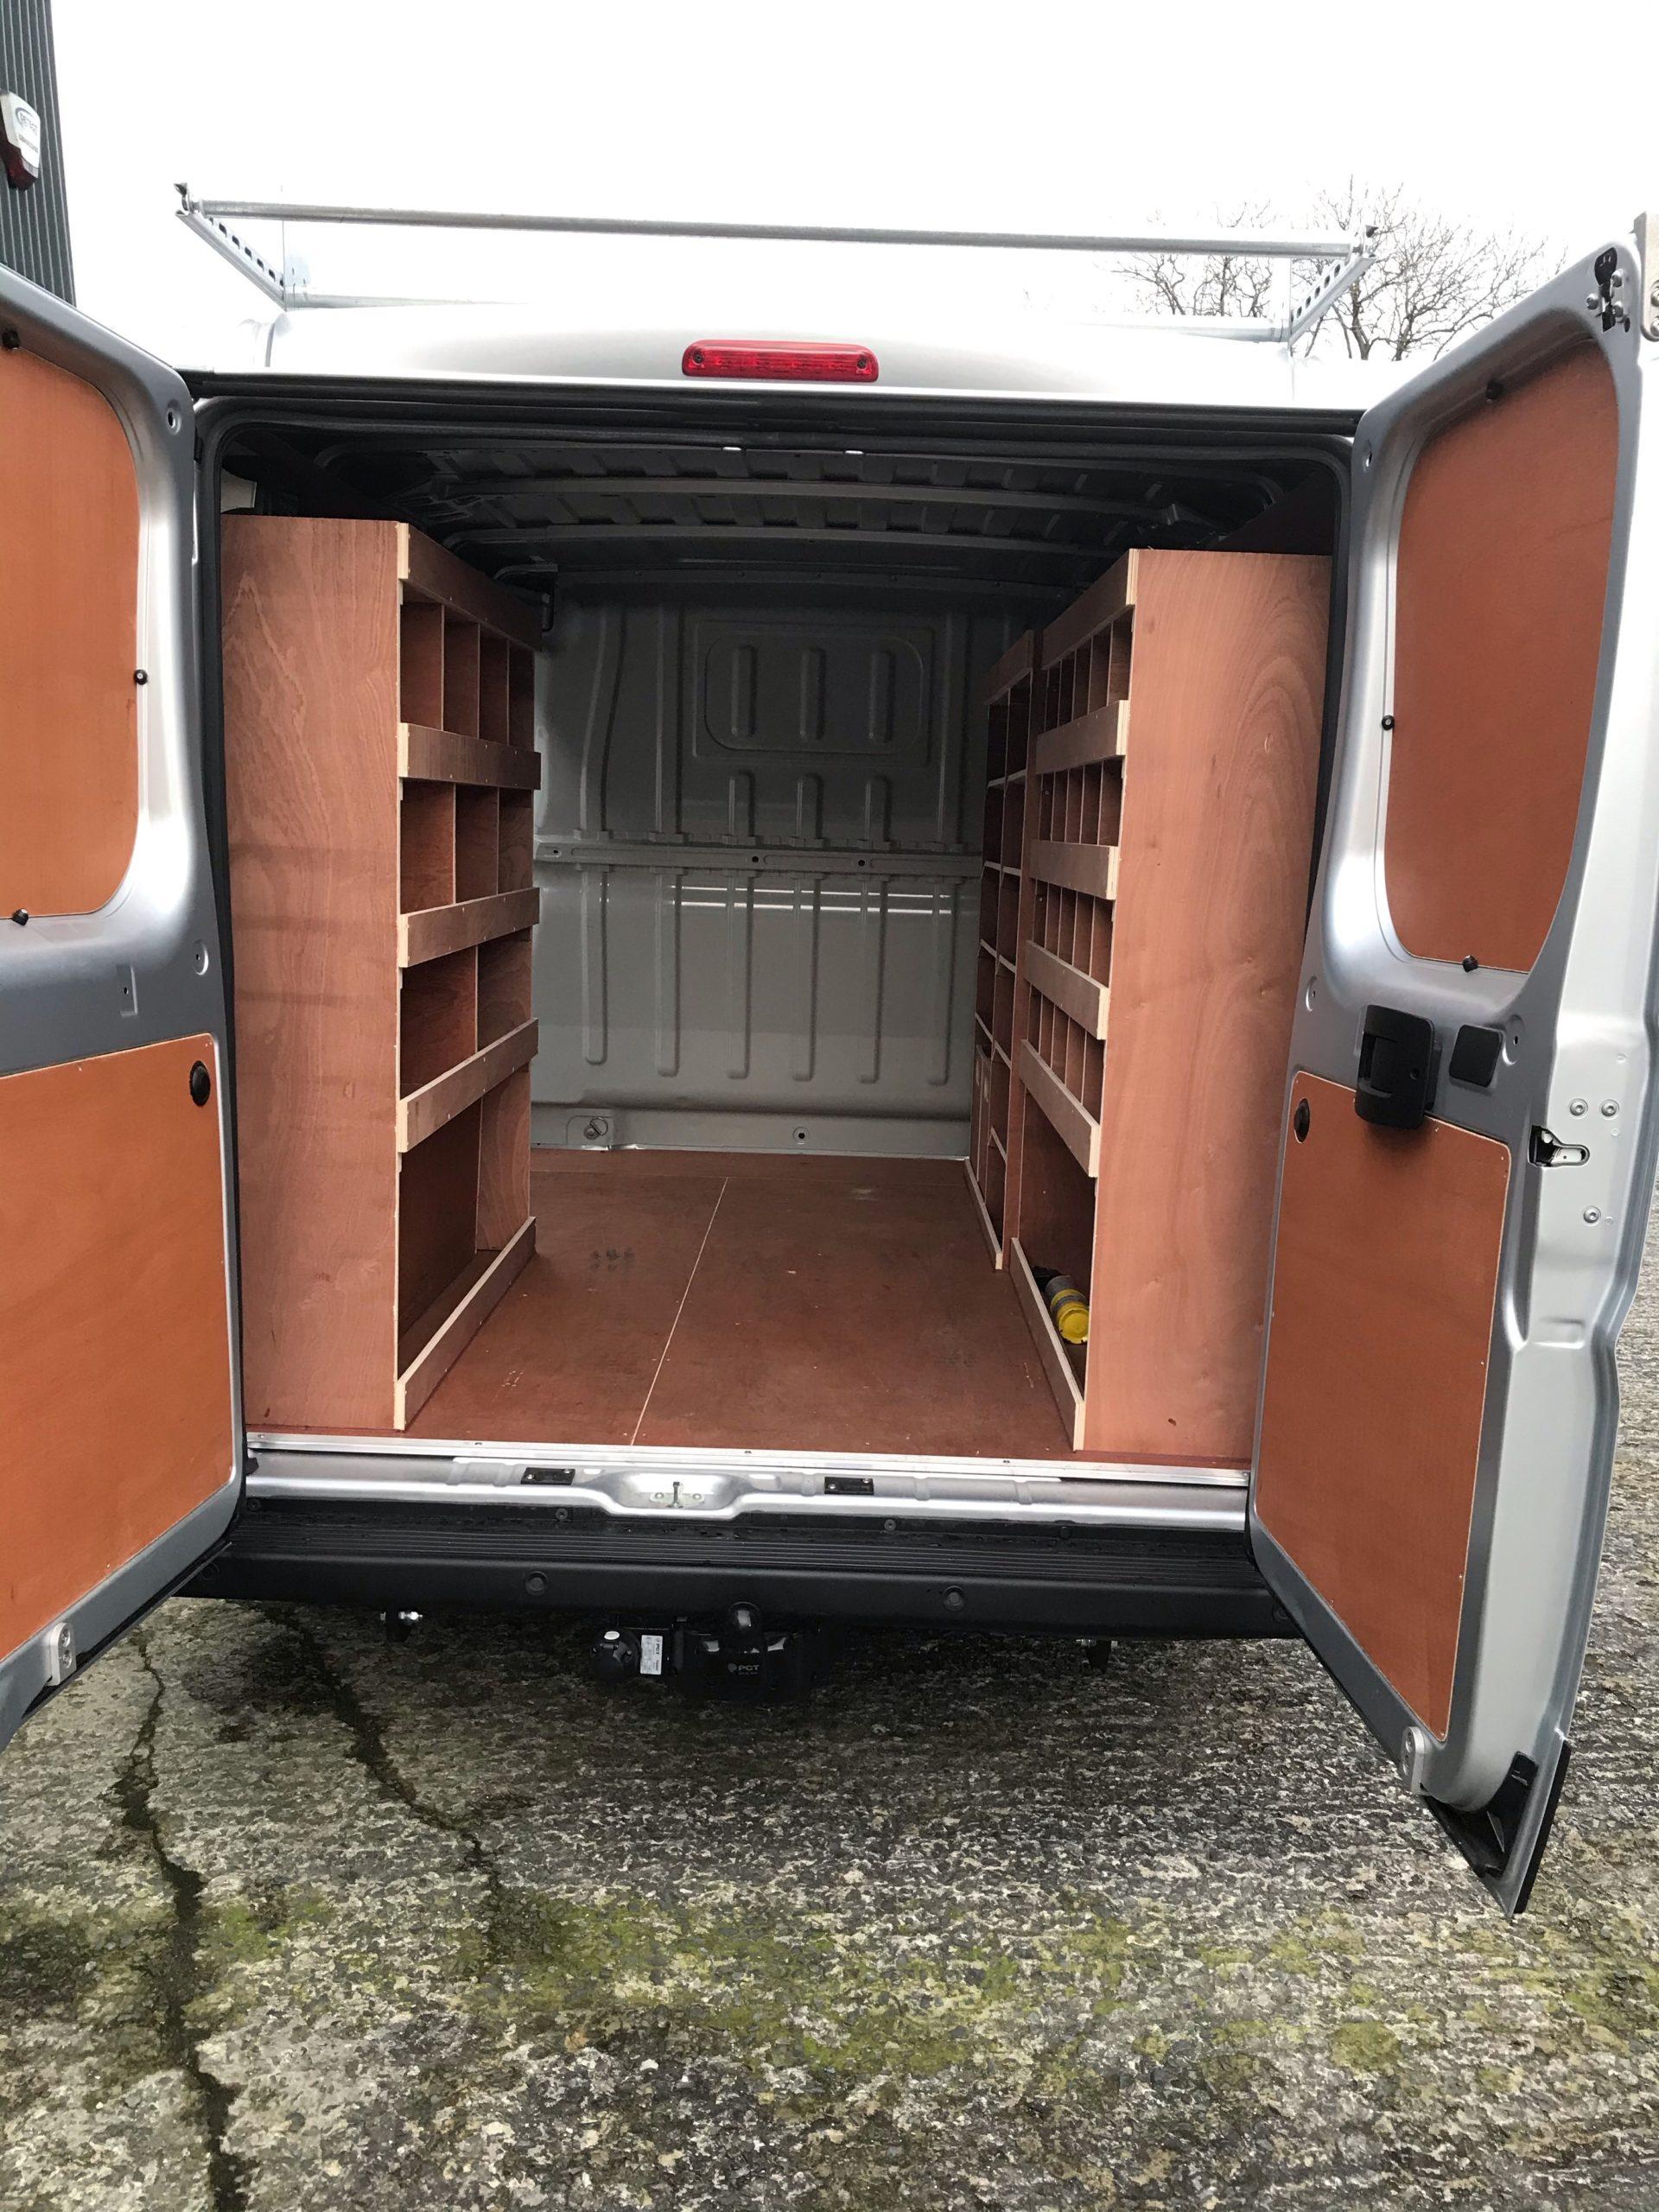 Another new van for the fleet